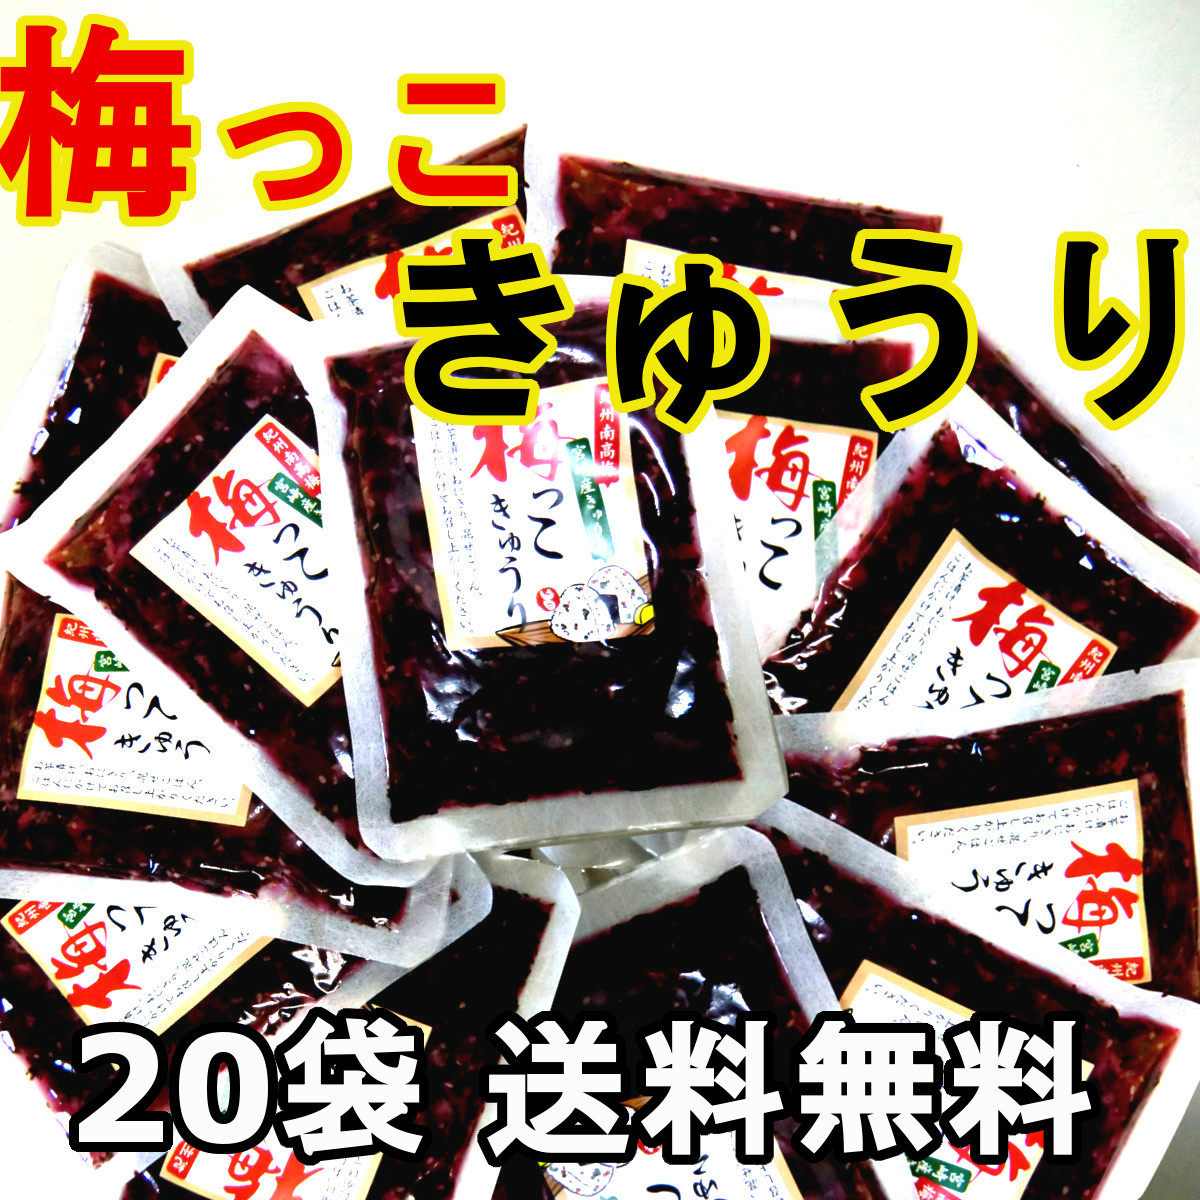 梅っこきゅうり 20袋 送料無料 宮崎のきゅうりと紀州南高梅のコラボ ご飯のお供 行楽弁当 ,おにぎり,混ぜご飯,お茶漬けの具に,おかずに_画像1